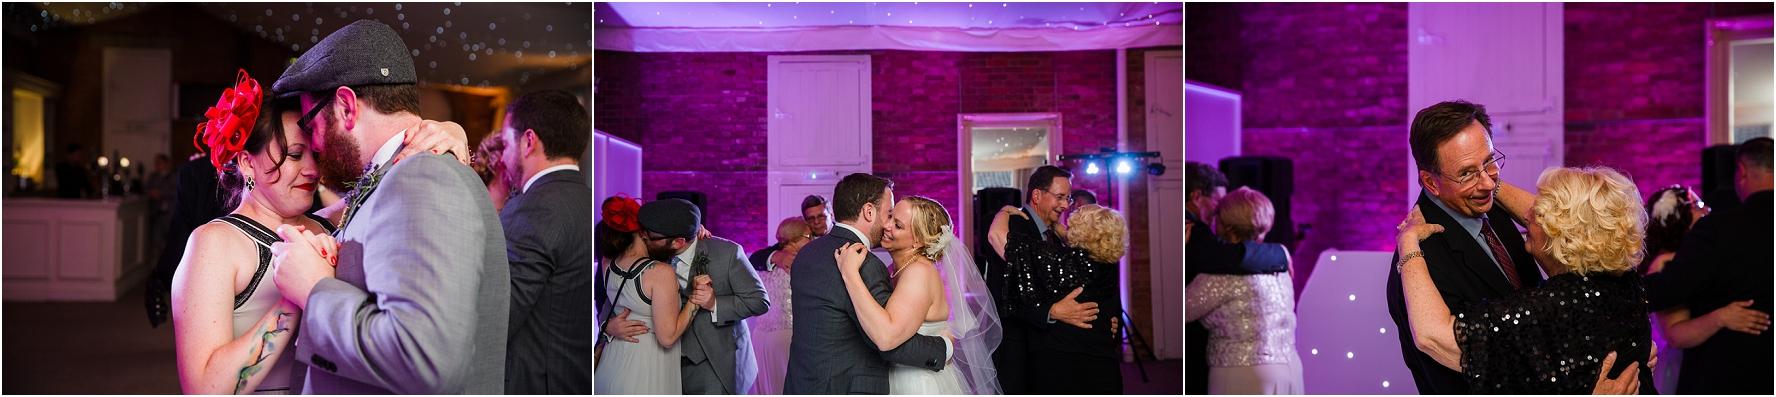 wedding-photography-norwood-park_0110